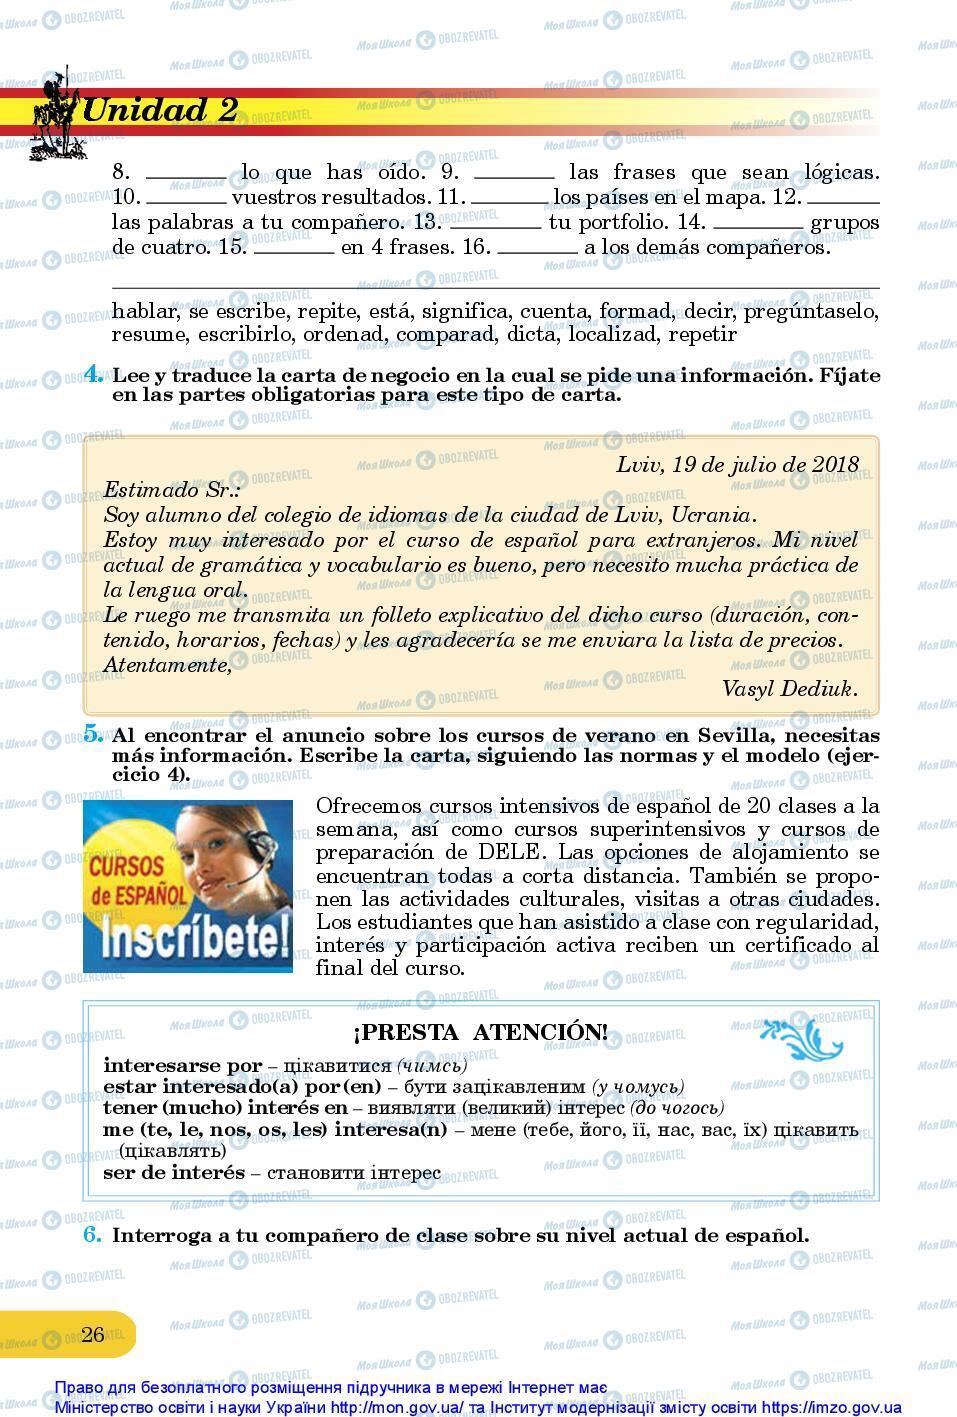 Підручники Іспанська мова 10 клас сторінка 26